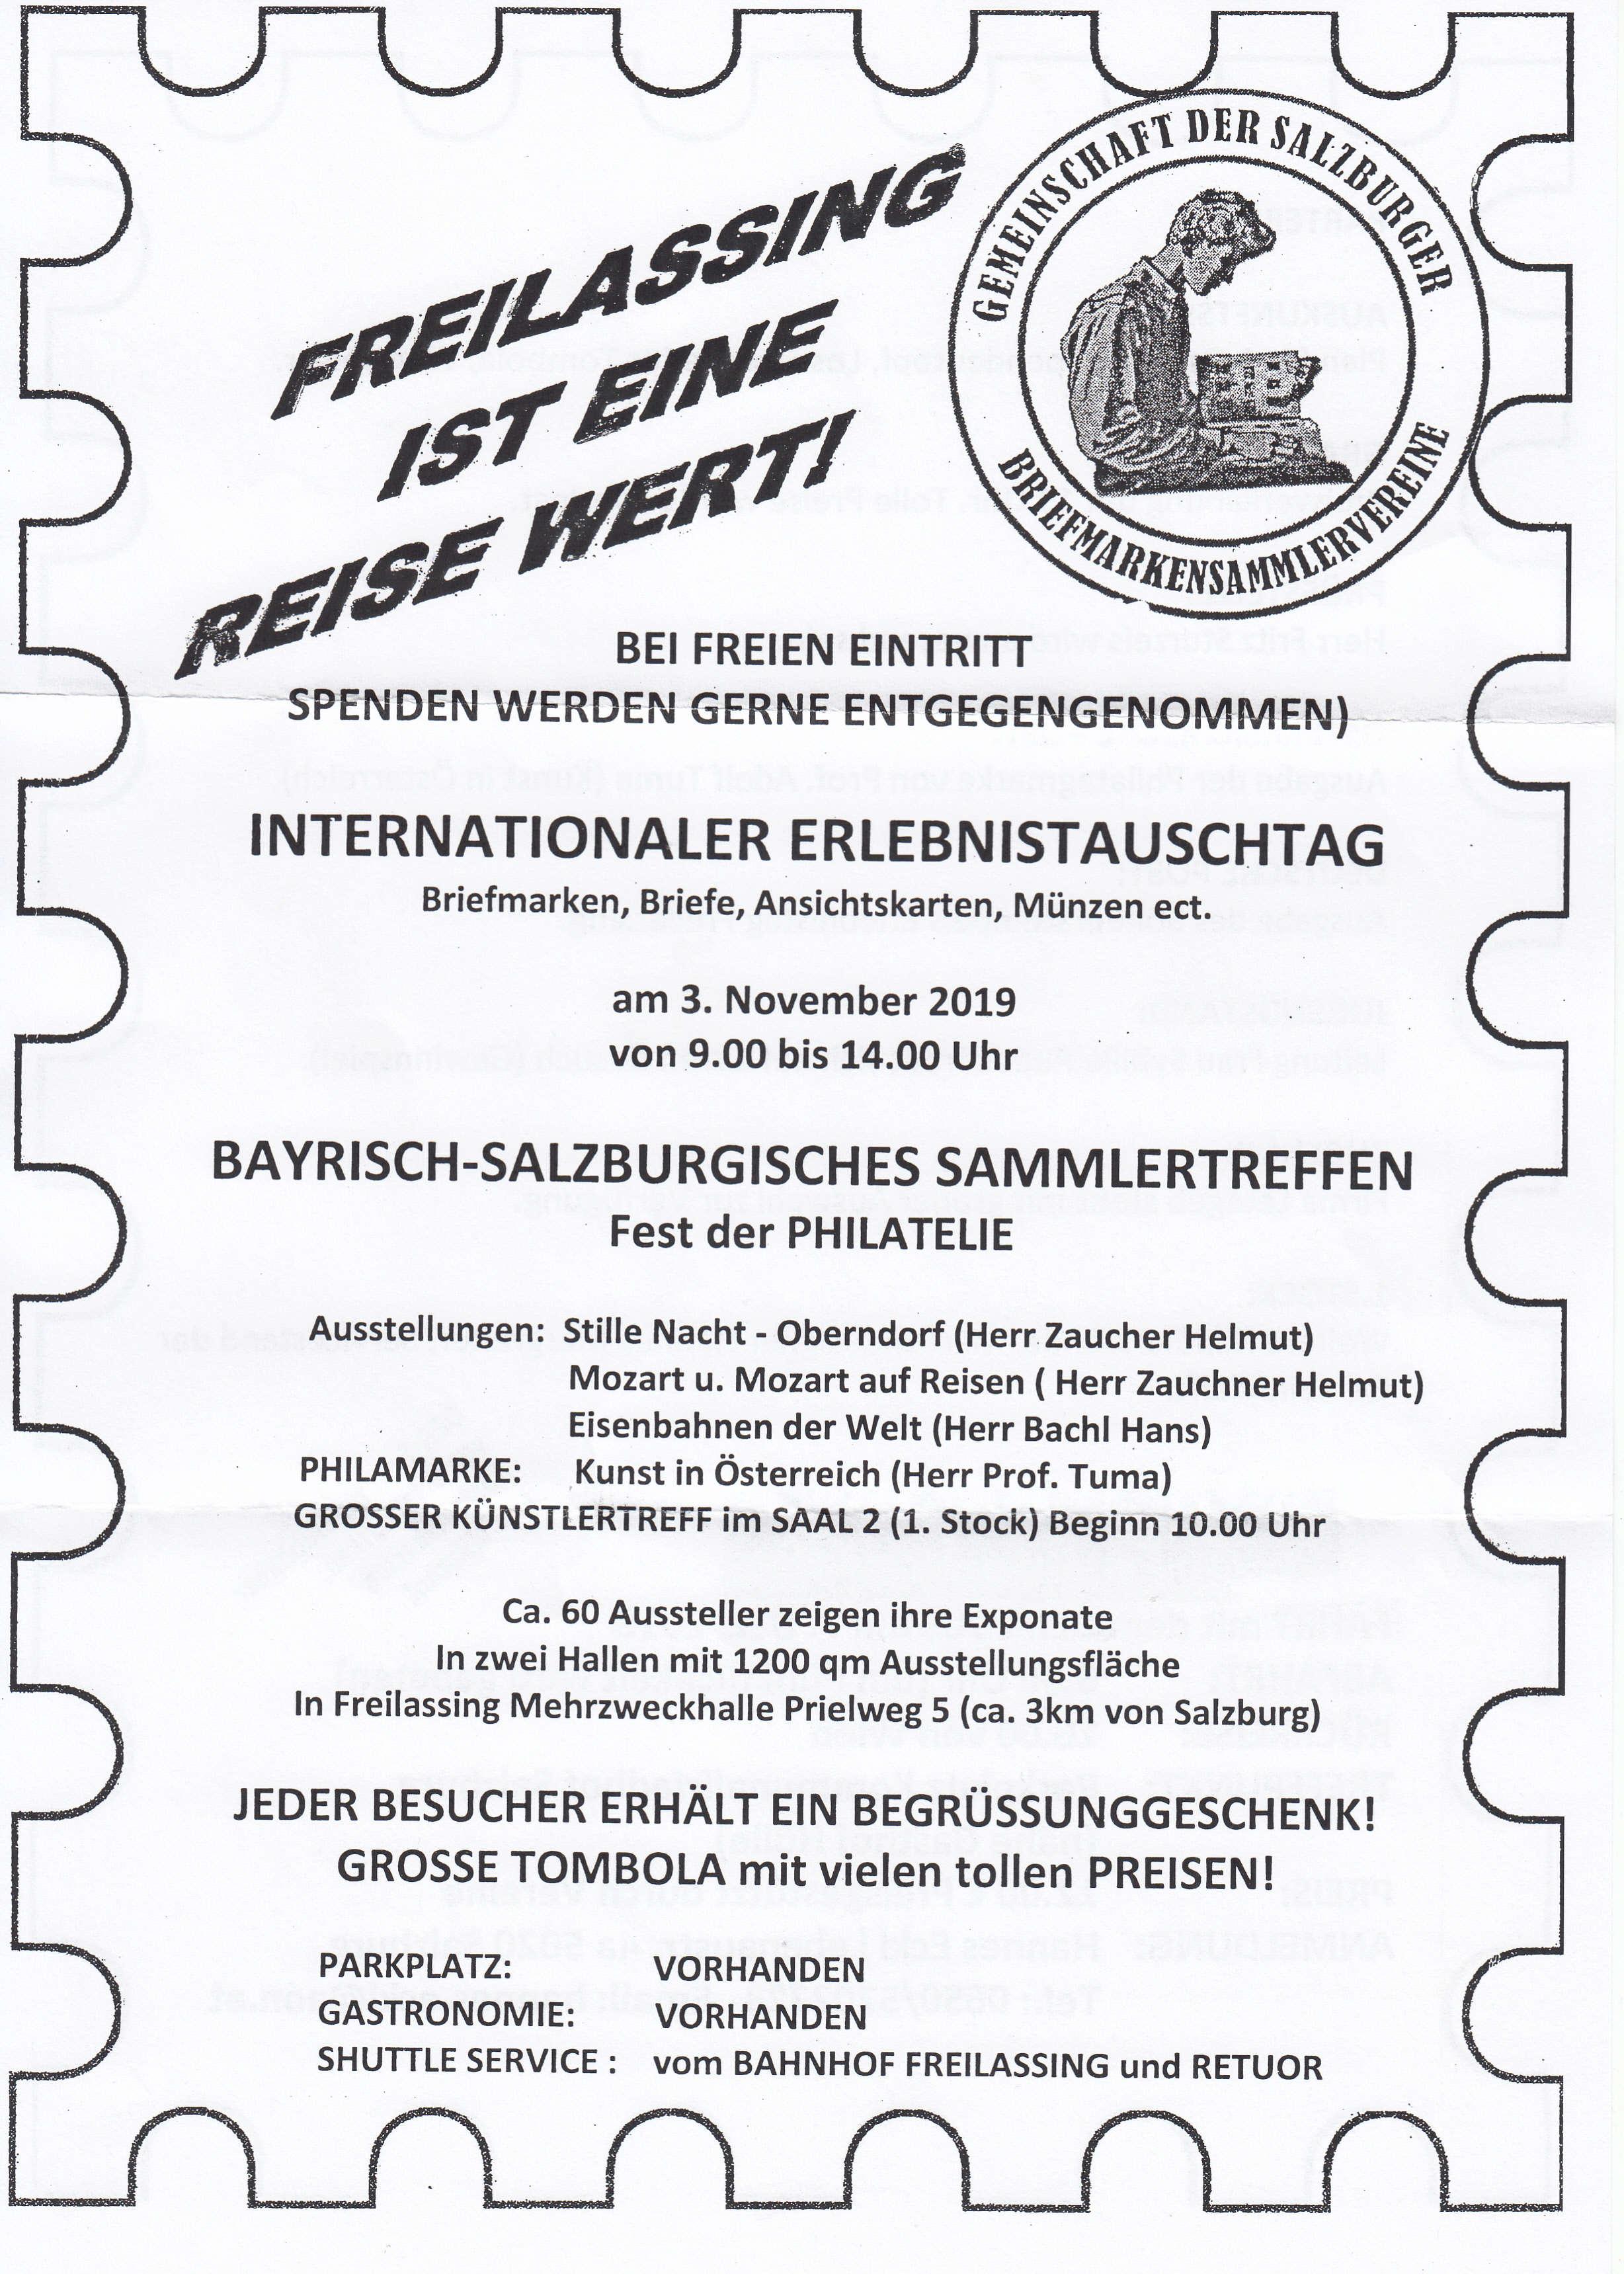 Bayrisch-Salzburgisches Sammlertreffen  Img231